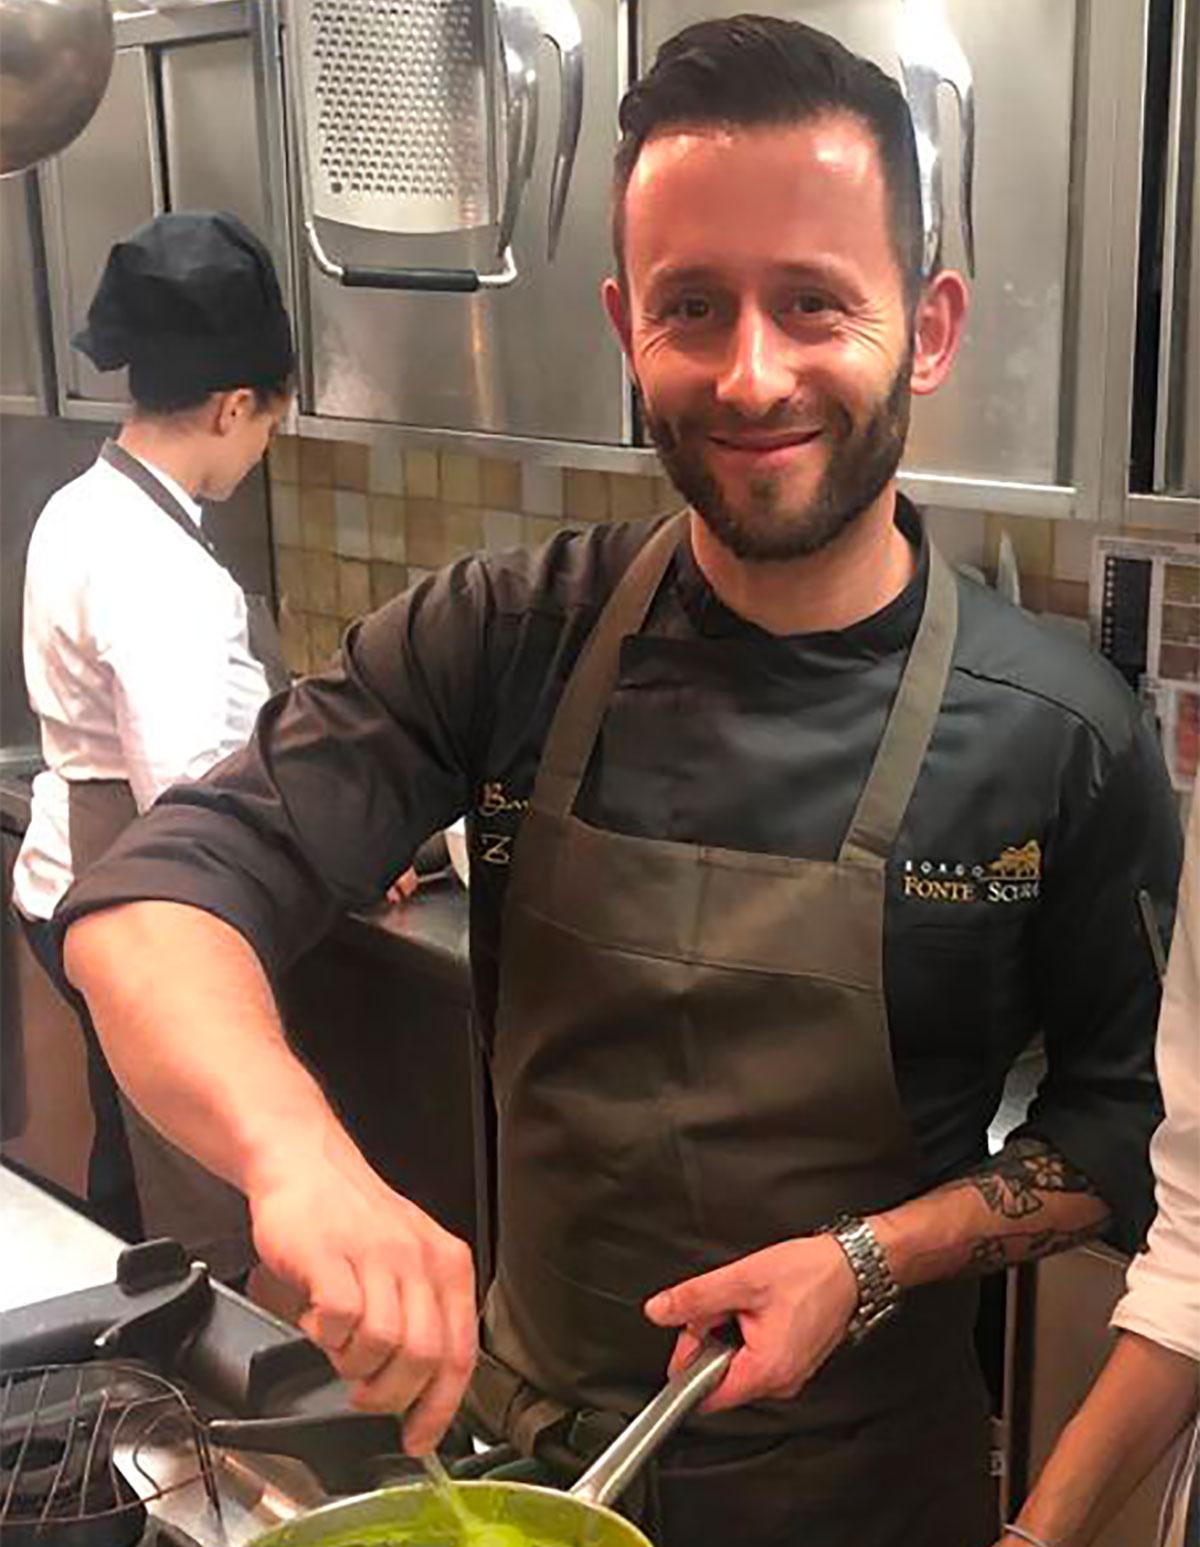 Bartek Zaleski chef di Borgo Fonte Scura